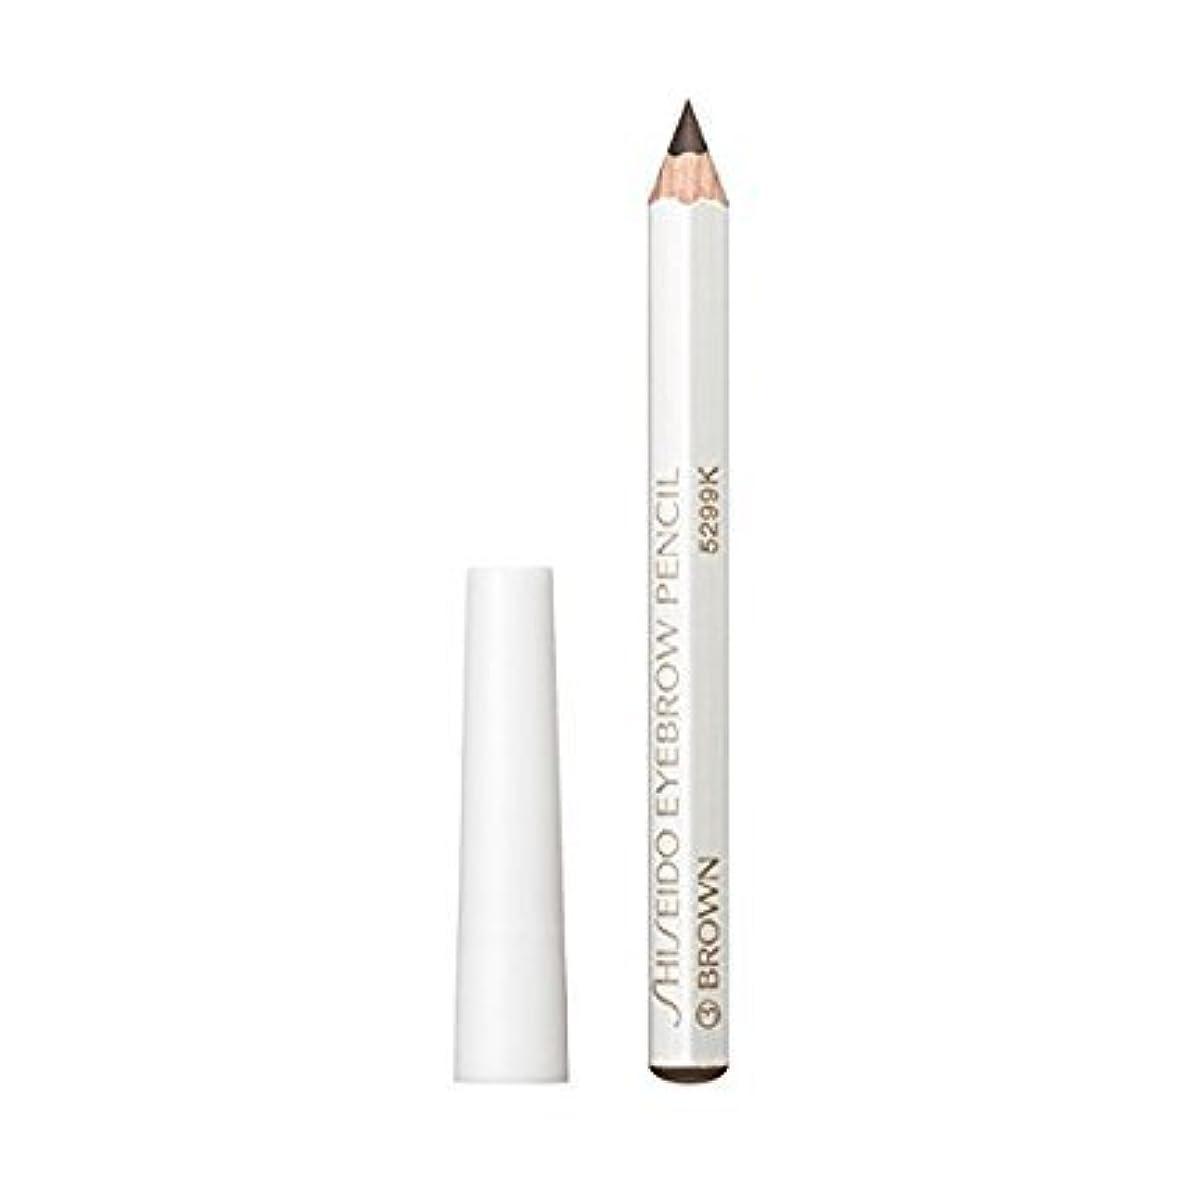 器具最も意図する資生堂 眉墨鉛筆 No.3 3本